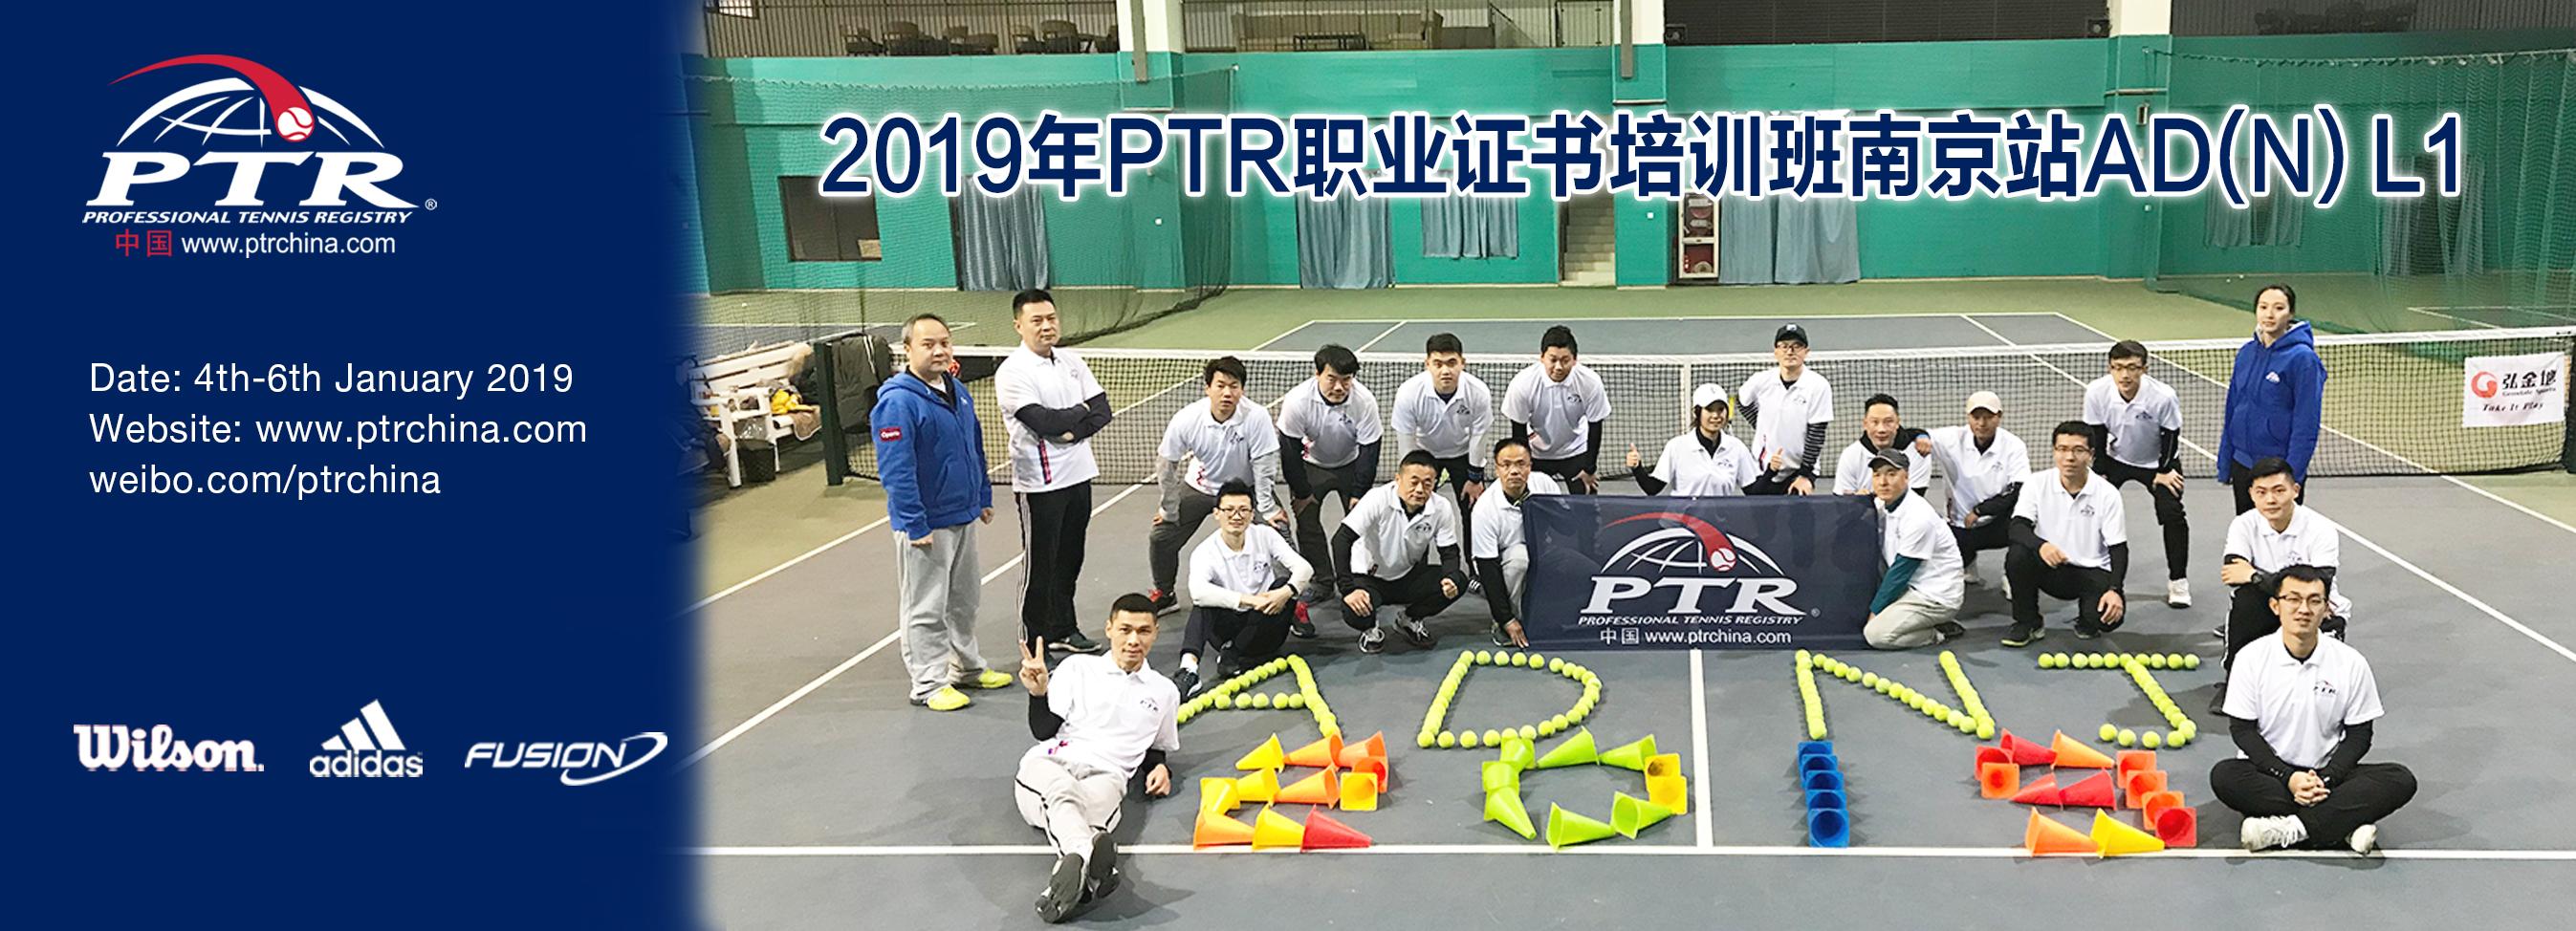 2019 PTR AD(N) L1 成人发展课程南京站圆满结业!